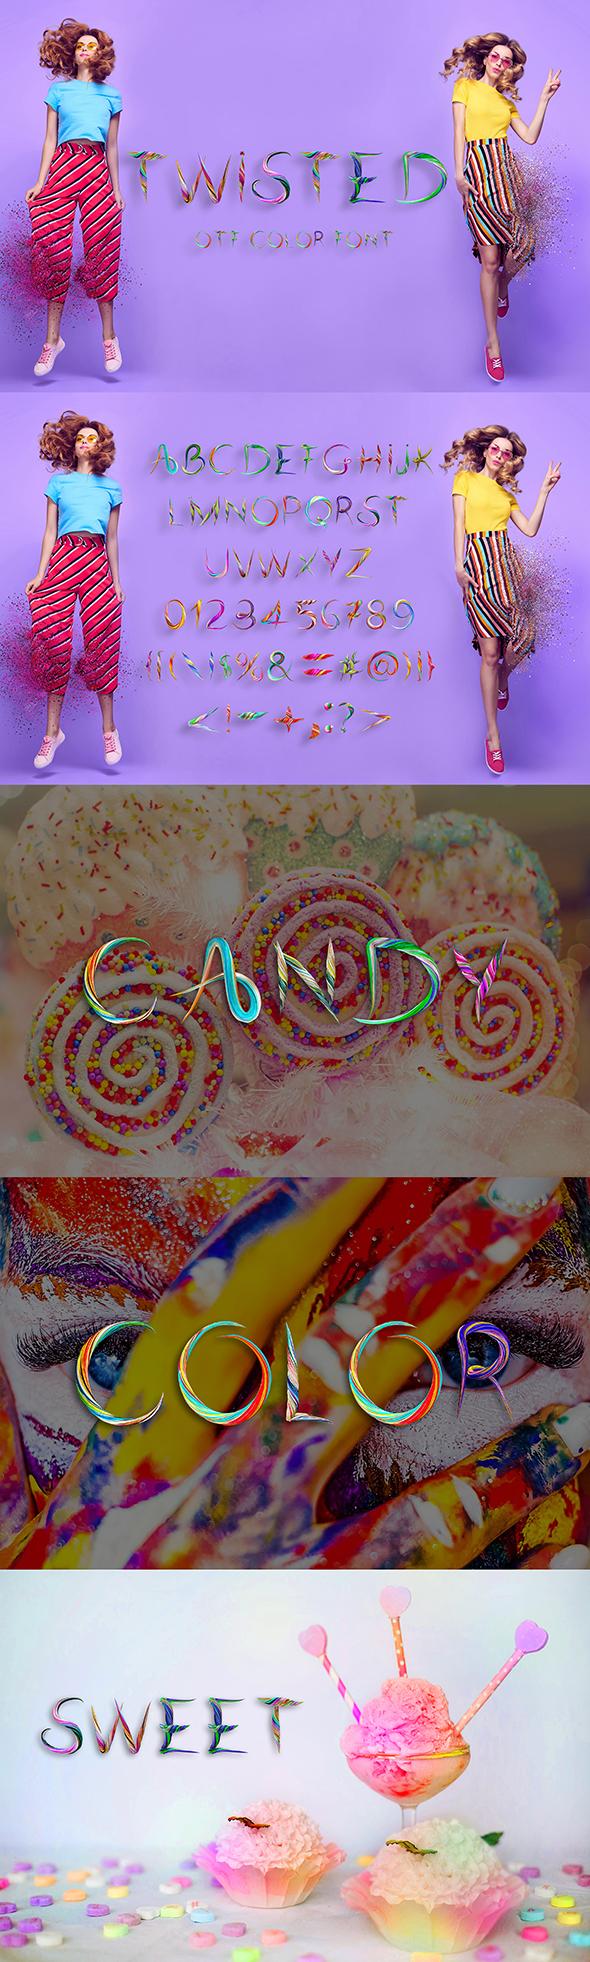 21 Color Fonts: FaeryDesign & PandoraDreams Render Fonts - TwistedEnvato